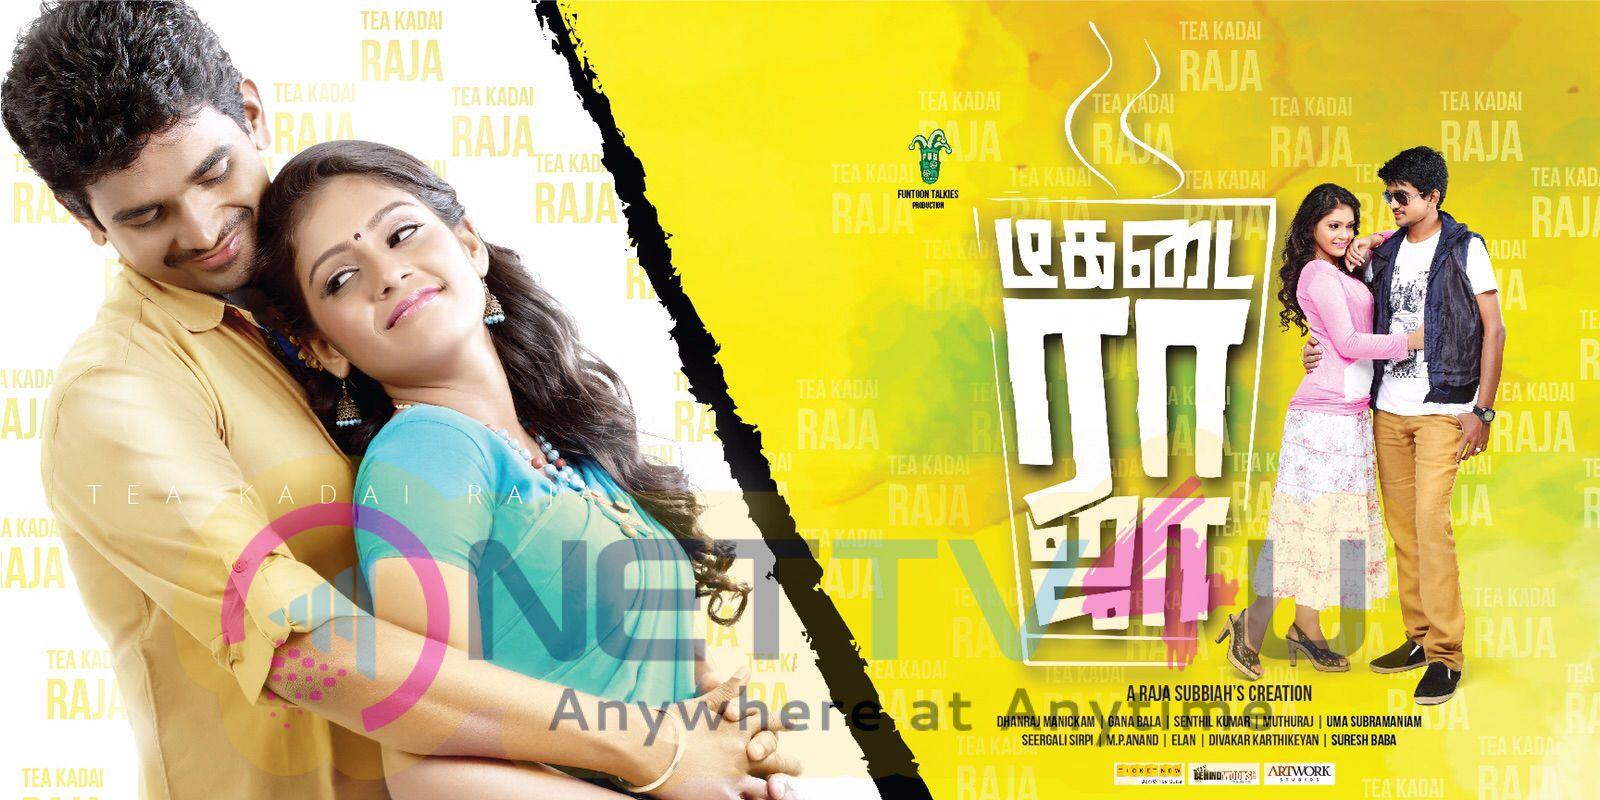 Tamil Movie Tea Kadai Raja Stills